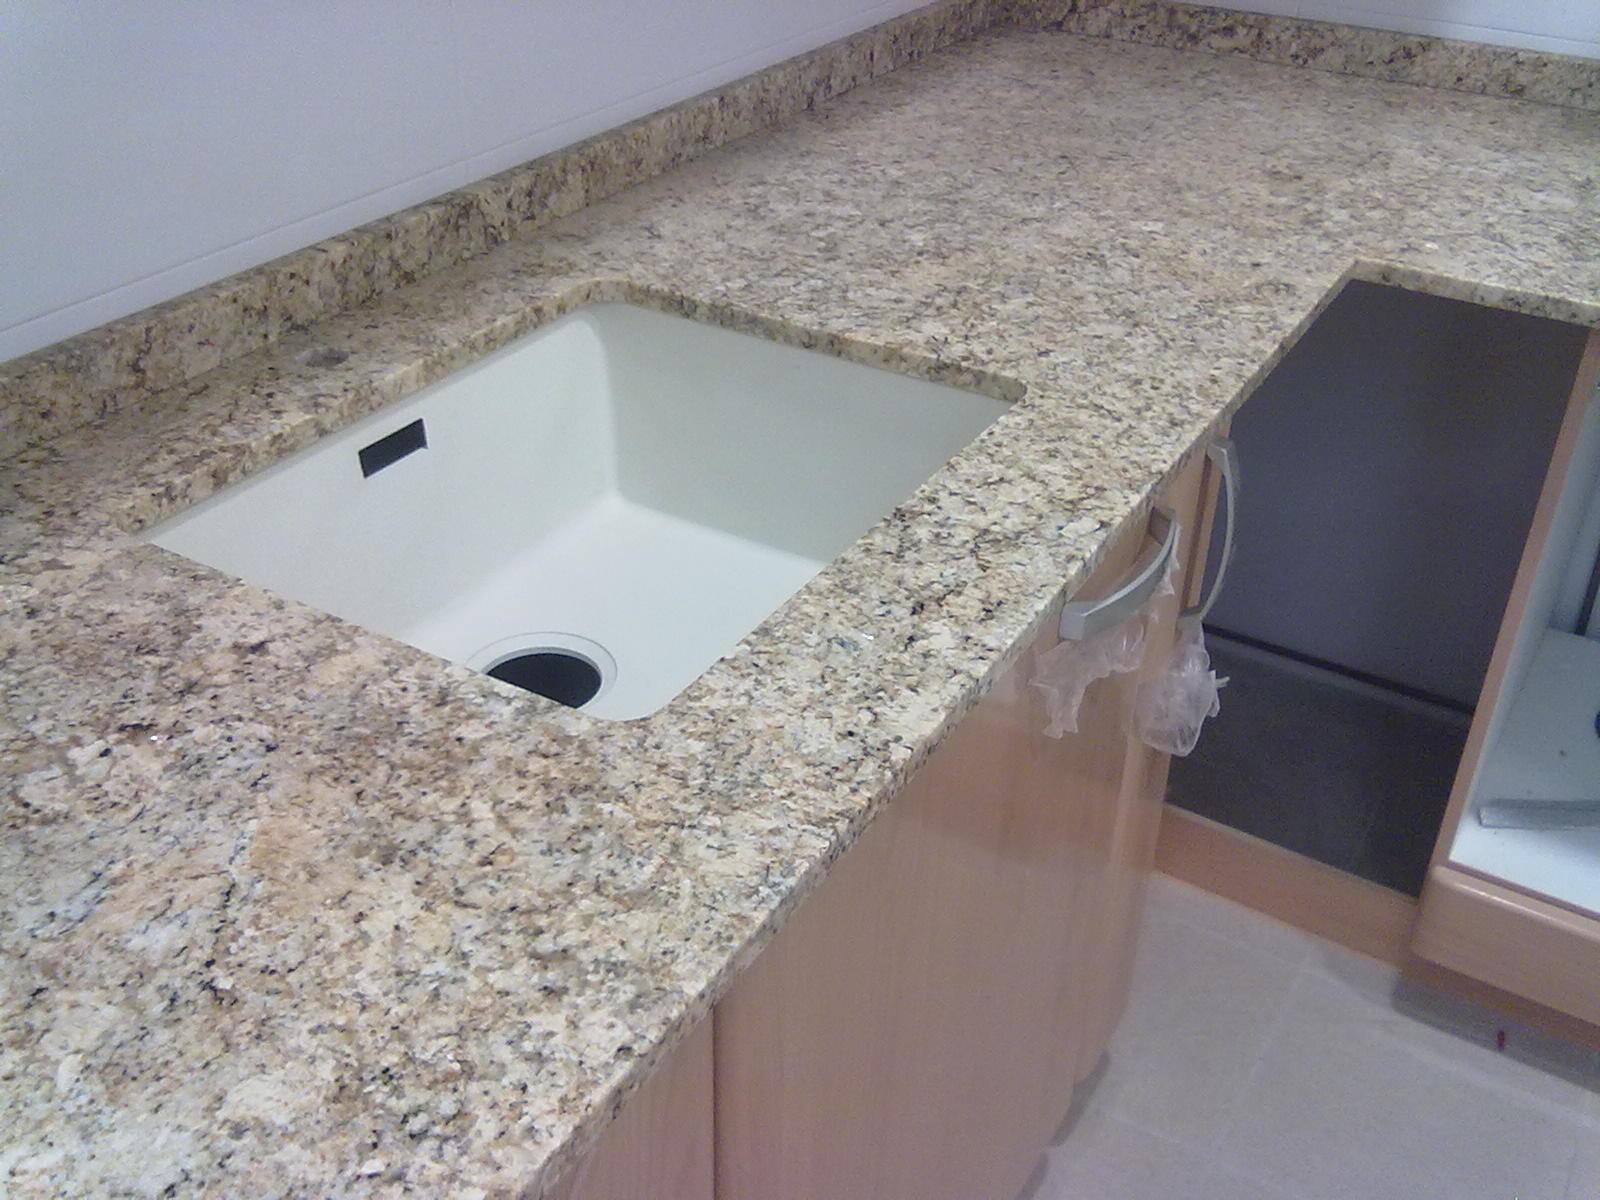 Marmoles vedat s l u encimera granito naturamia tenere for Colores granito pulido